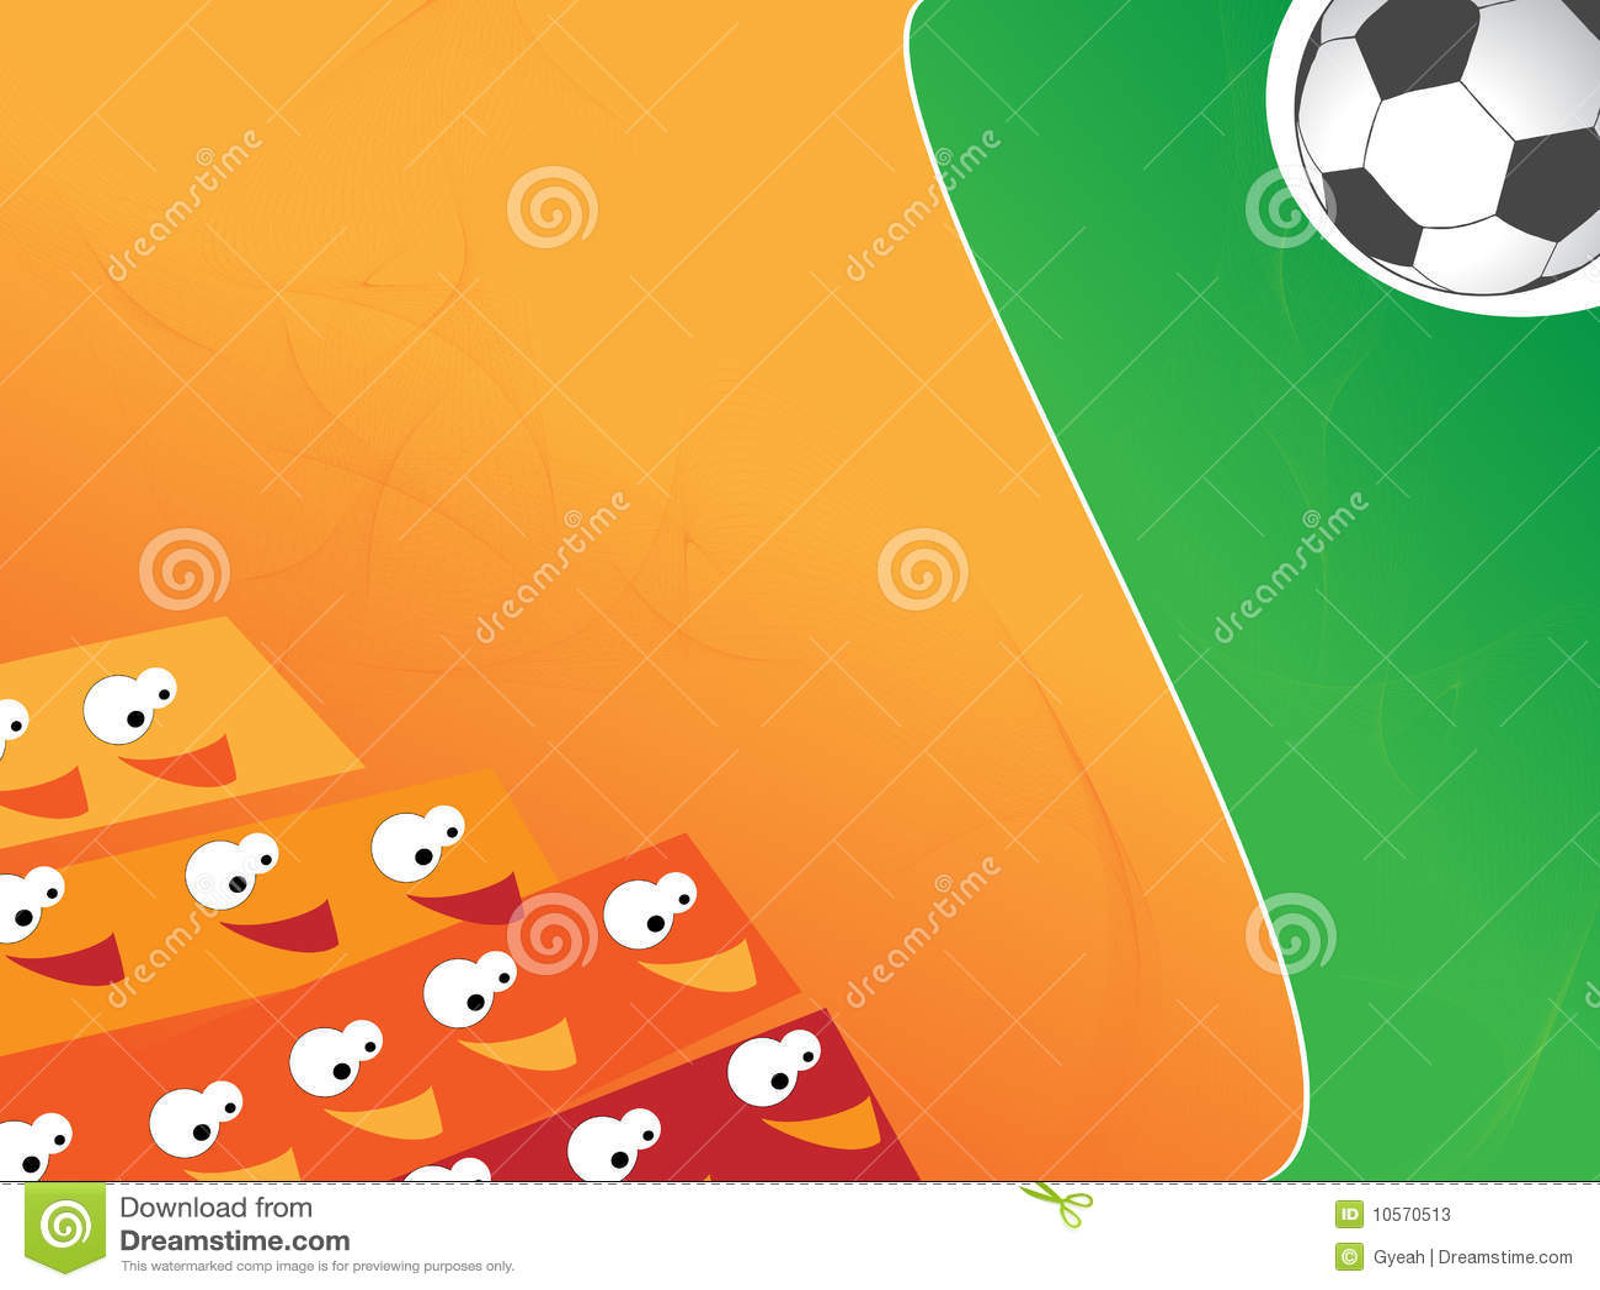 Grappige Citaten Voetbal : De grappige achtergrond van het voetbal stock foto s